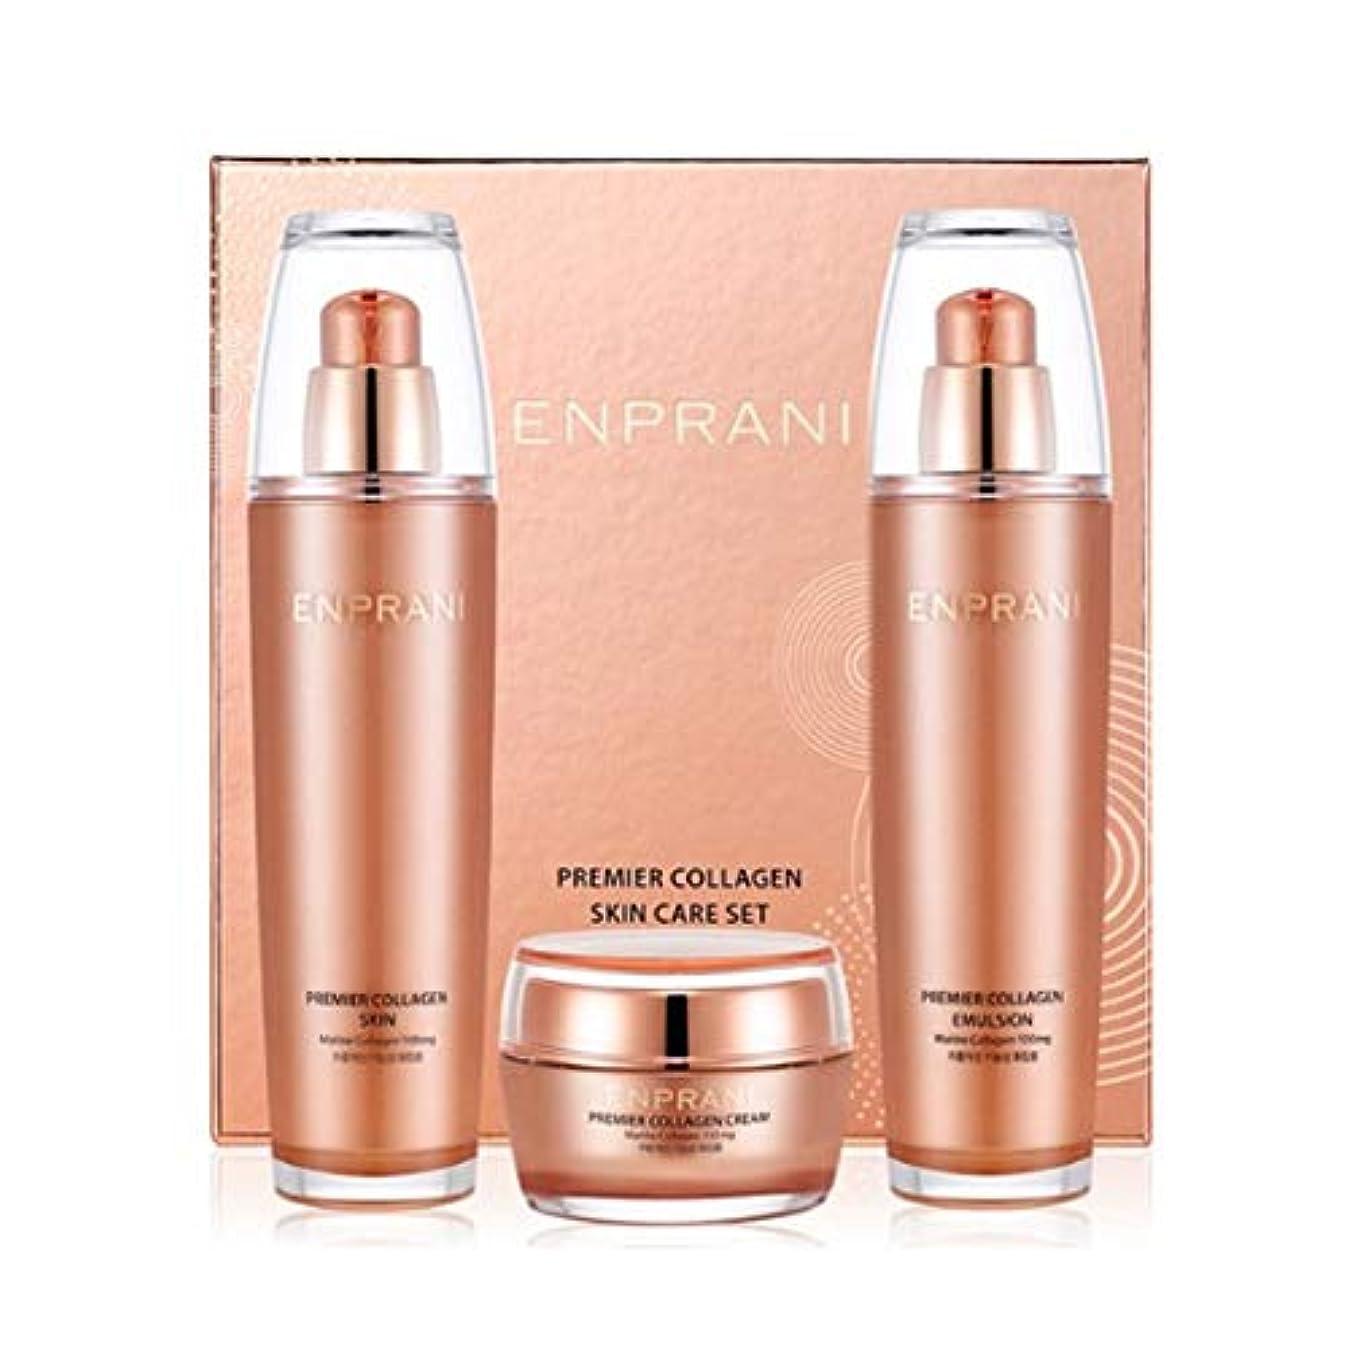 シリンダー下線移動エンプラニ?プレミアコラーゲンセット(スキン125ml、エマルジョン125ml、クリーム50ml)、Enprani Premier Collagen Set (Skin、Emulsion、Cream) [並行輸入品]